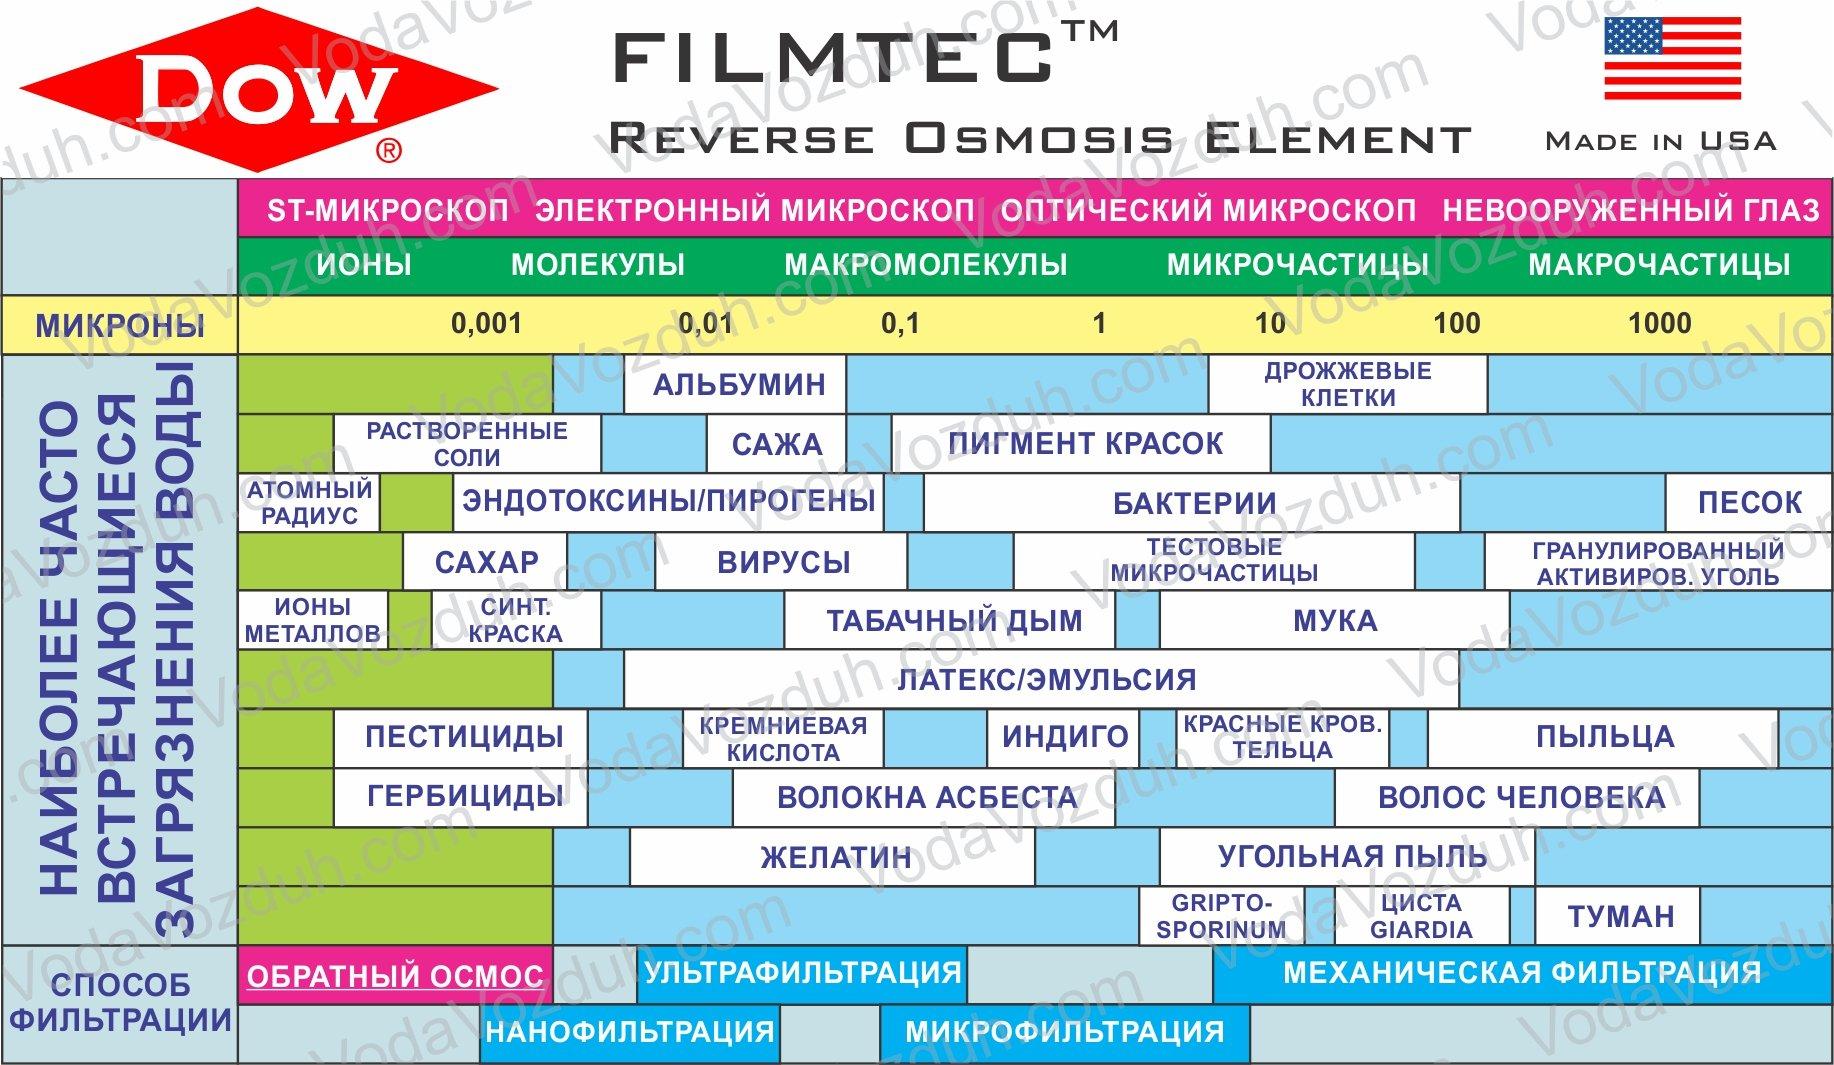 характеристики мембраны обратного осмоса Filmtec